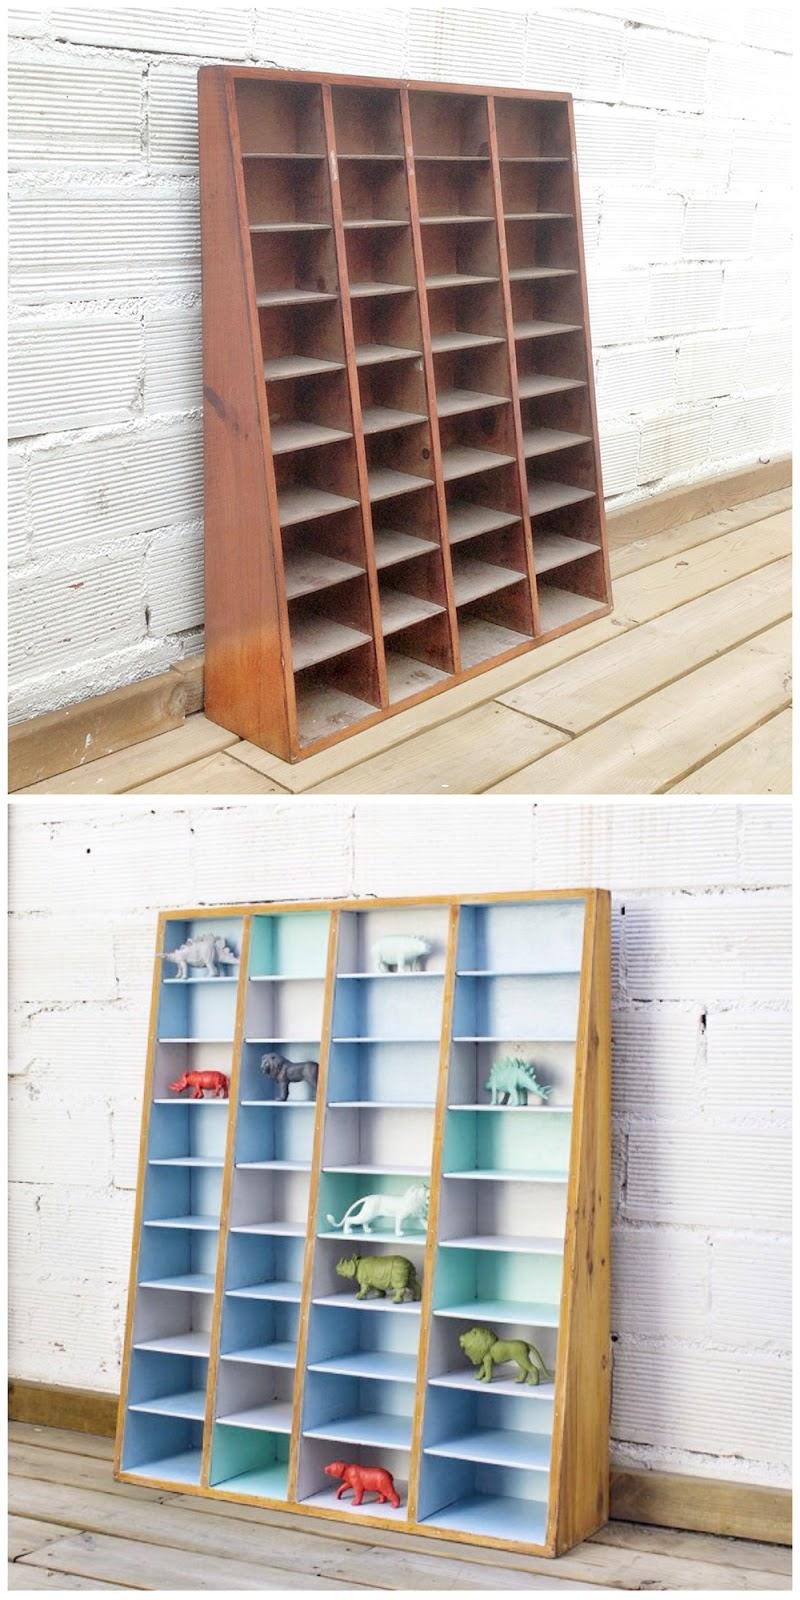 Antes y después - Un estante casillero organizador con juegos de colores - azul, verde y gris